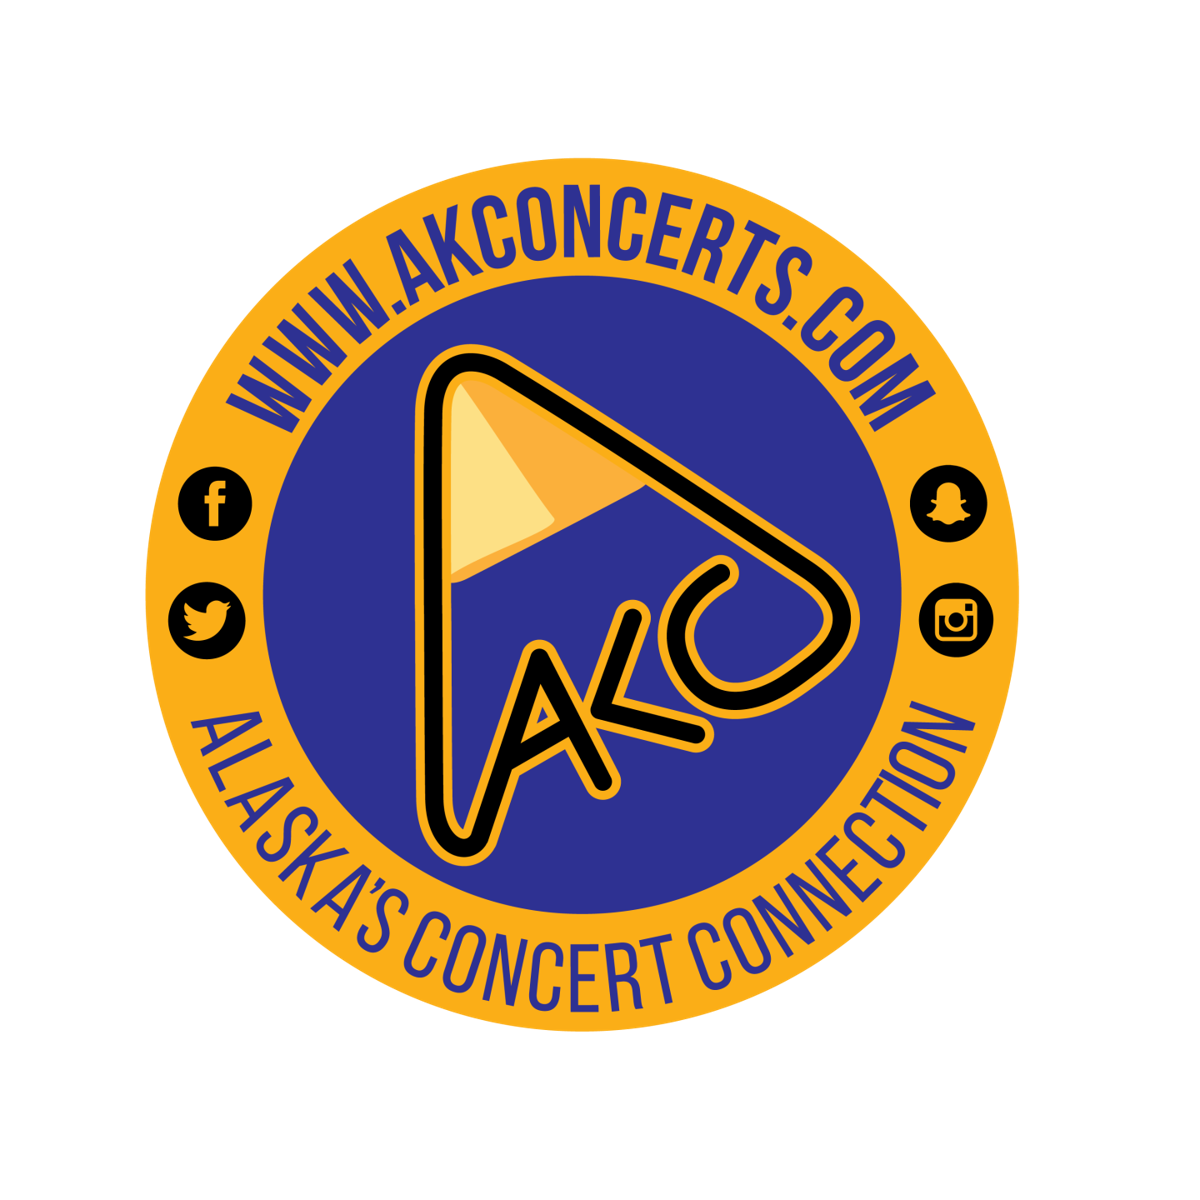 AK Concerts logo